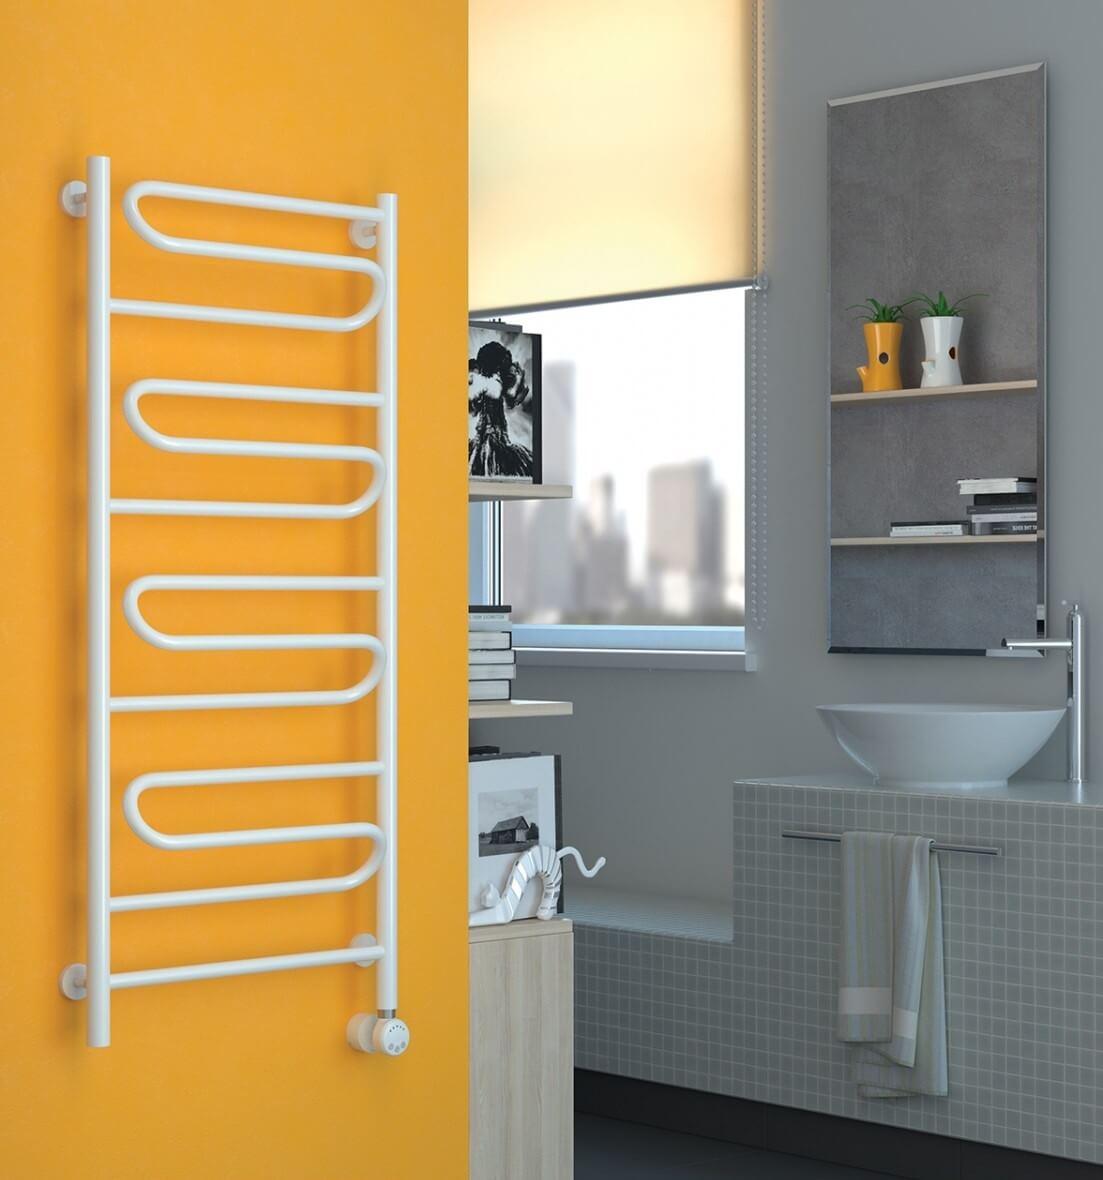 Какой полотенцесушитель лучше водяной или электрический?